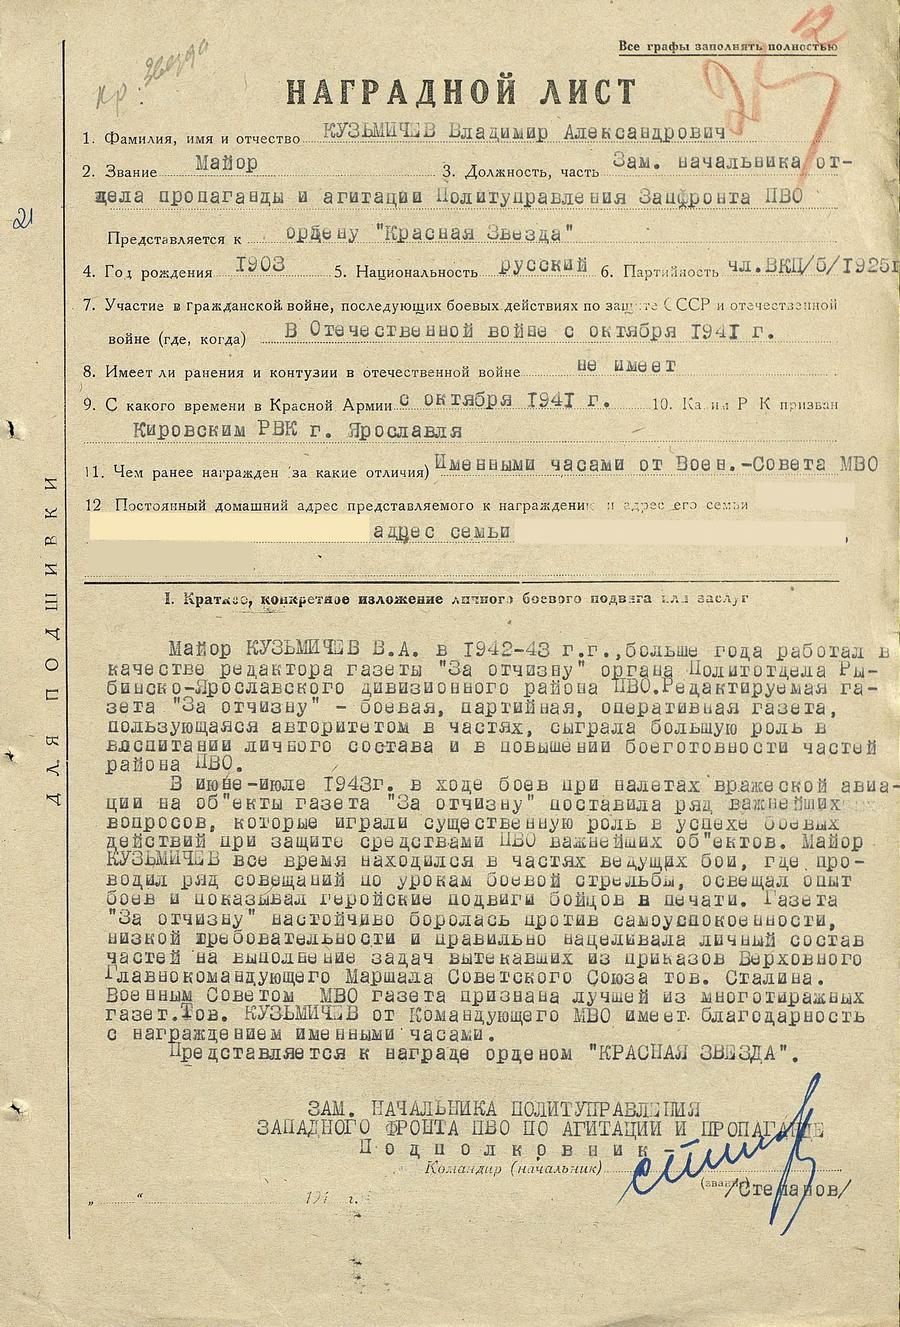 """Наградной лист Кузьмичева В. А. 1948 г. // ОБД """"Подвиг народа"""""""